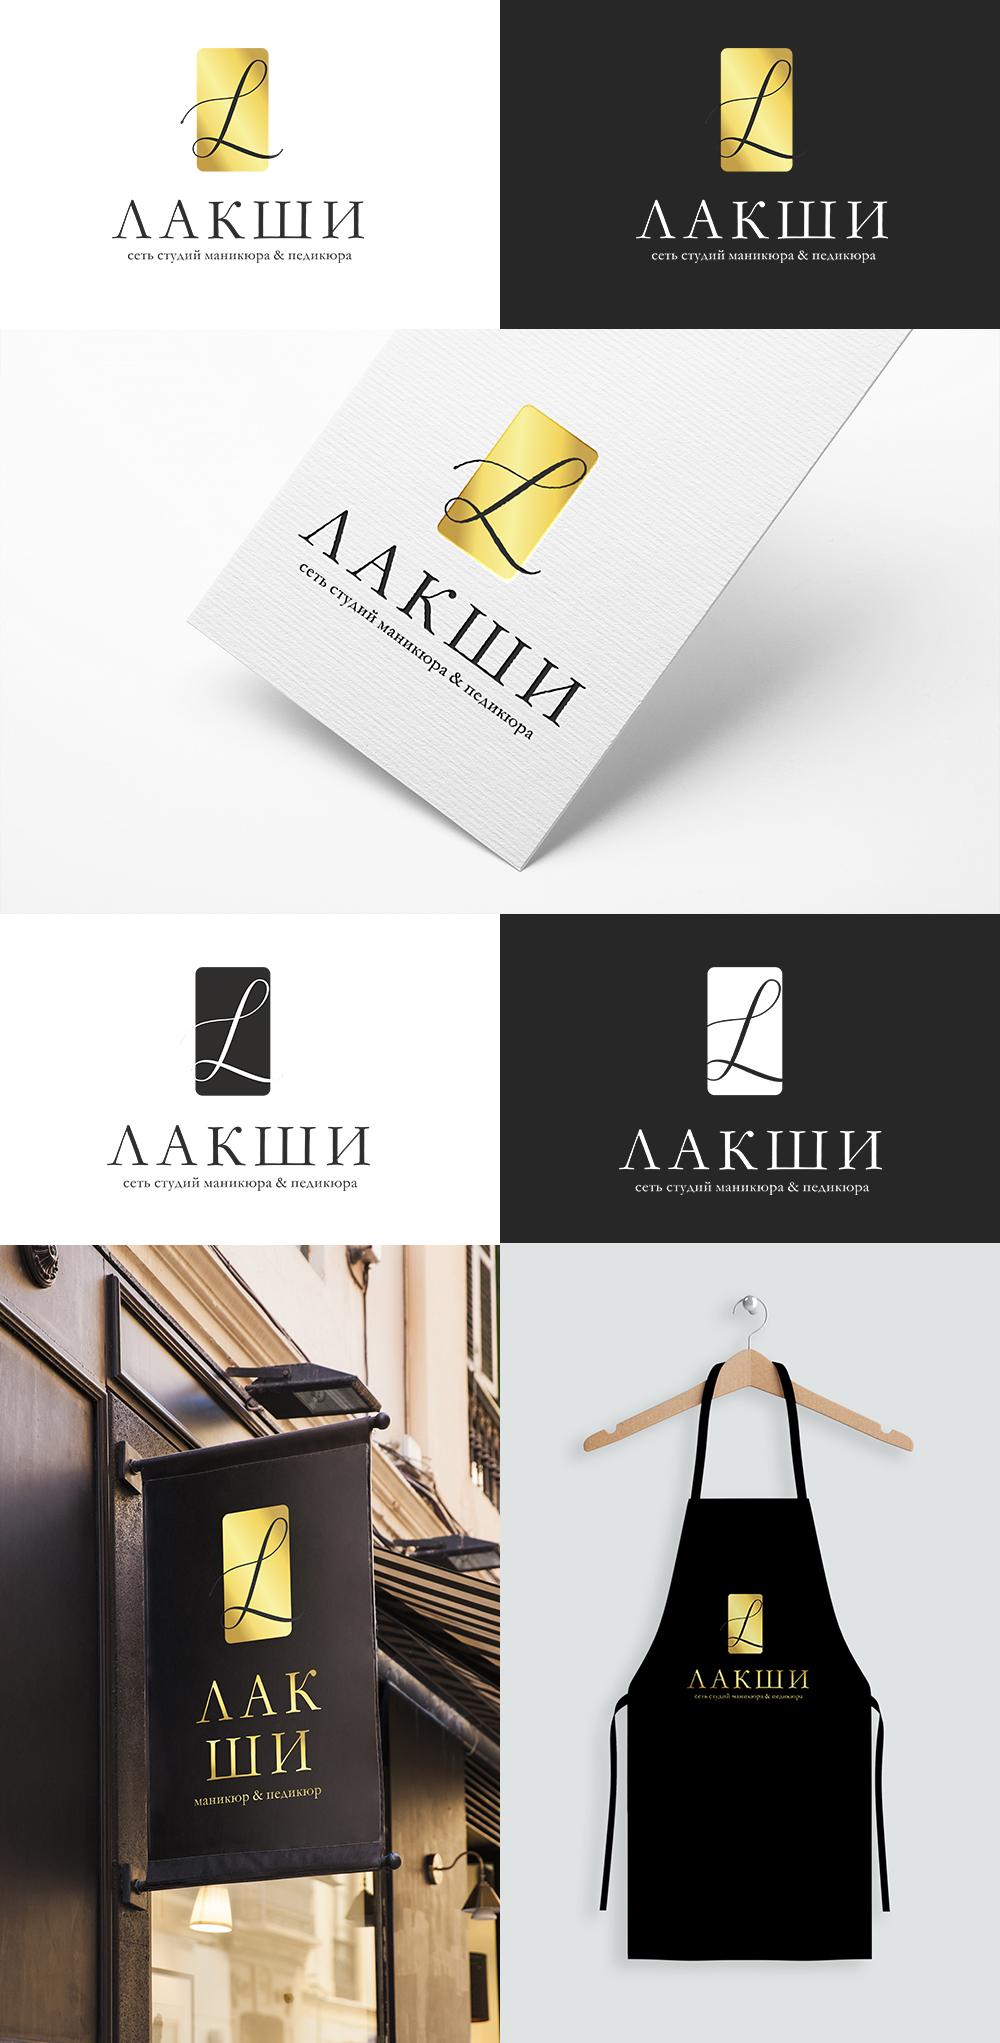 Разработка логотипа фирменного стиля фото f_6105c5ab6d7ed62a.jpg